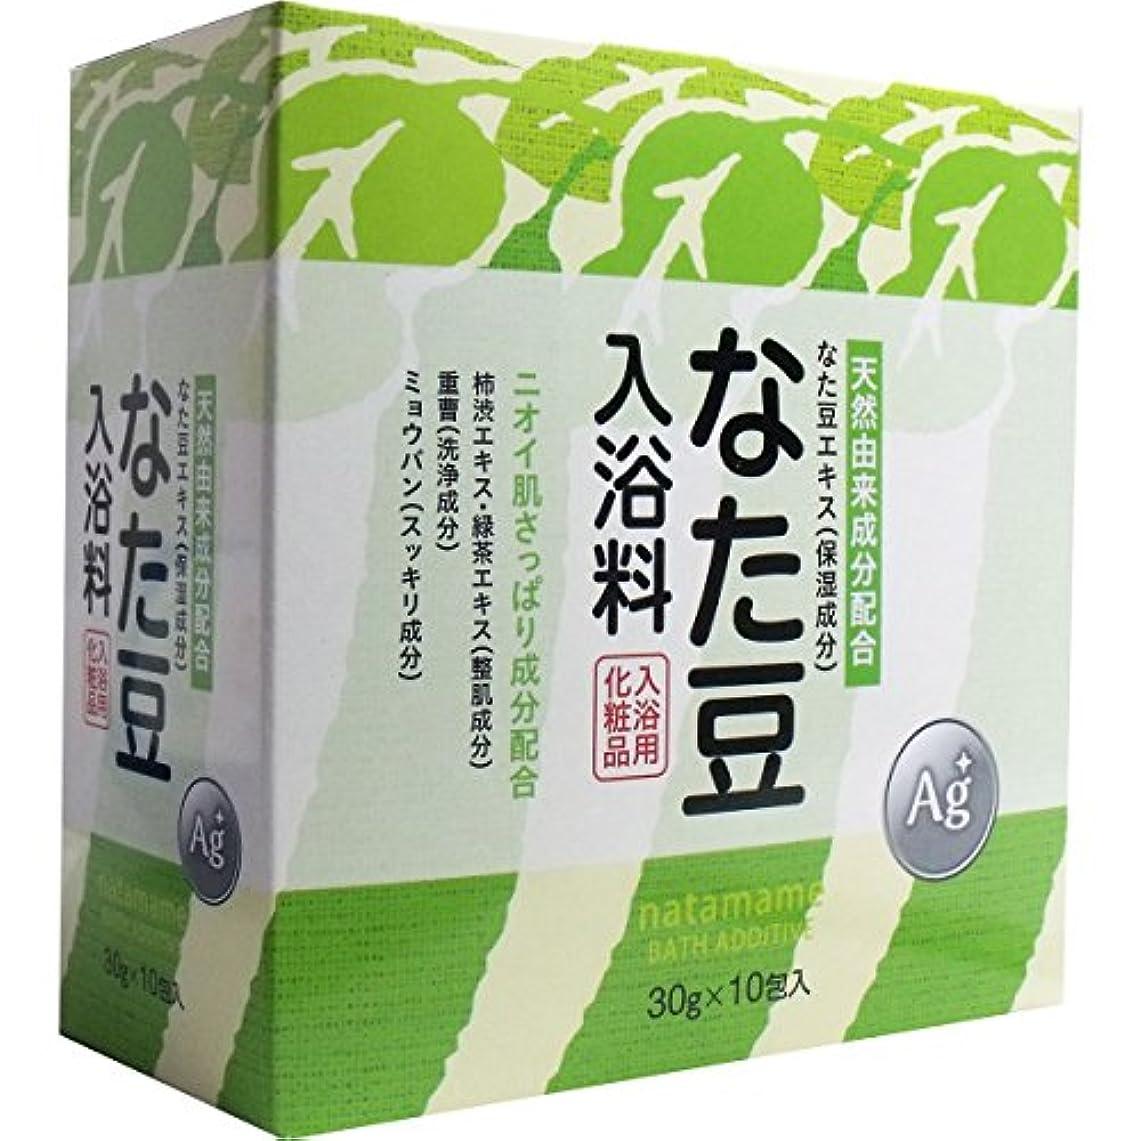 アテンダントパテ気味の悪いなた豆入浴料 入浴用化粧品 30g×10包入×9